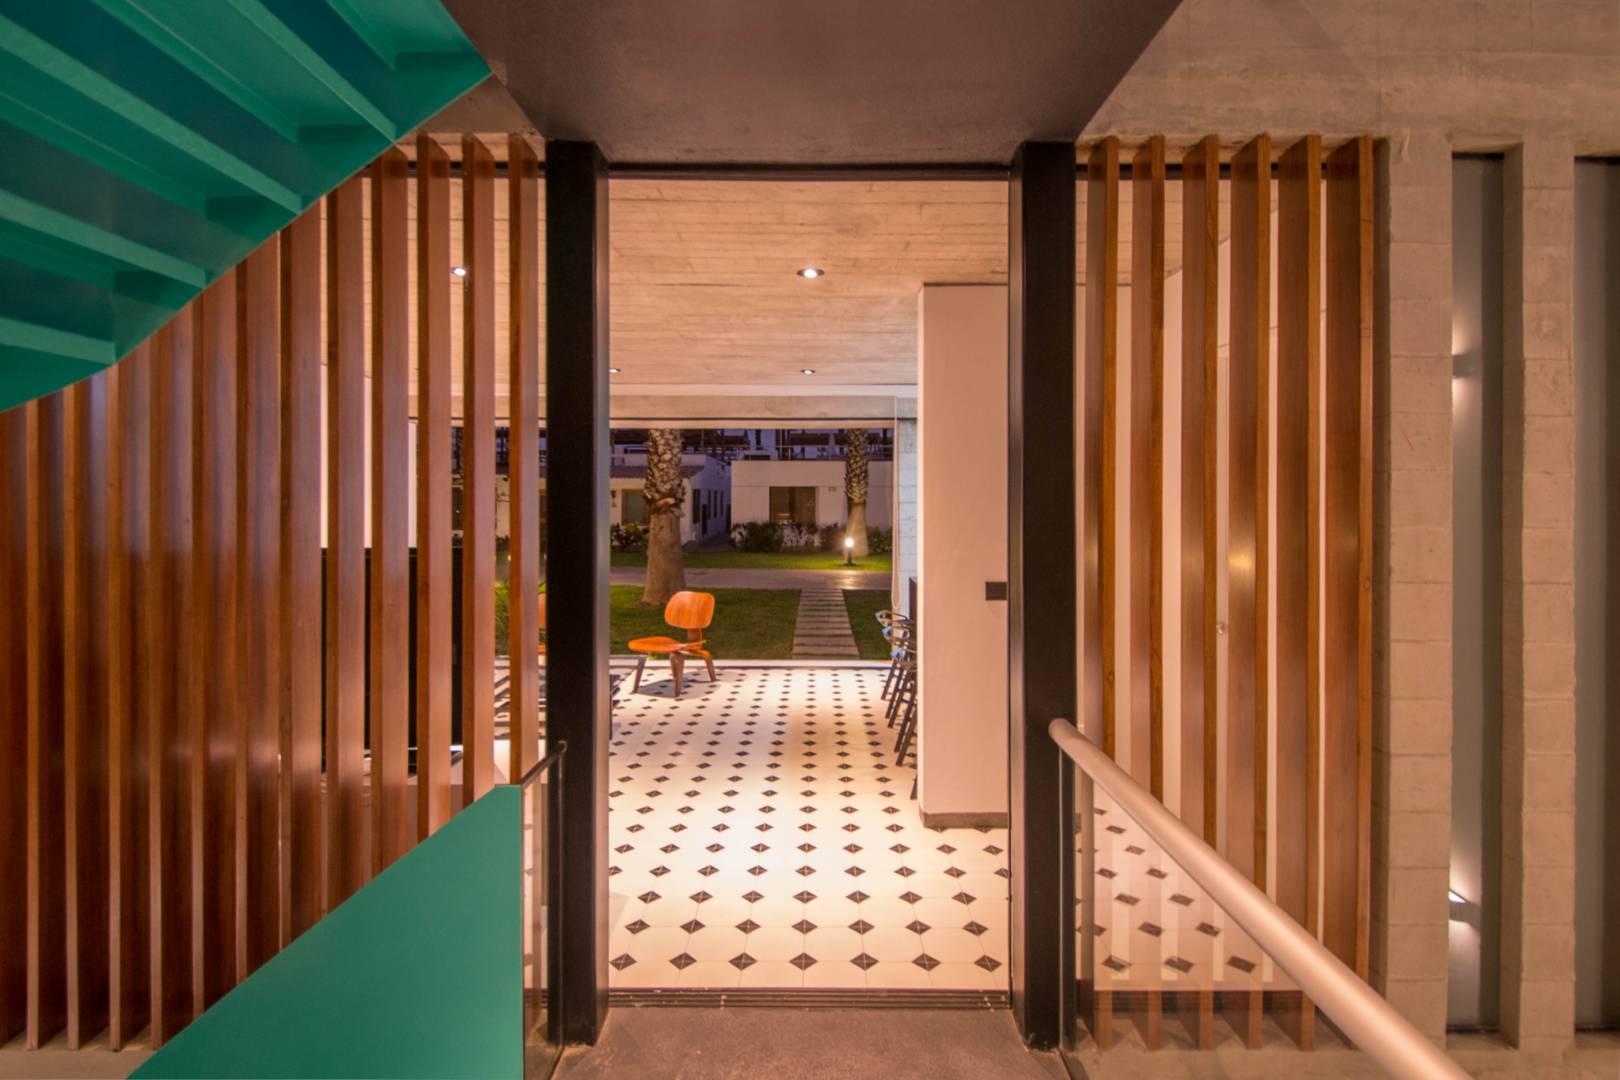 Casa S - Romo Arquitectos (75 of 94)